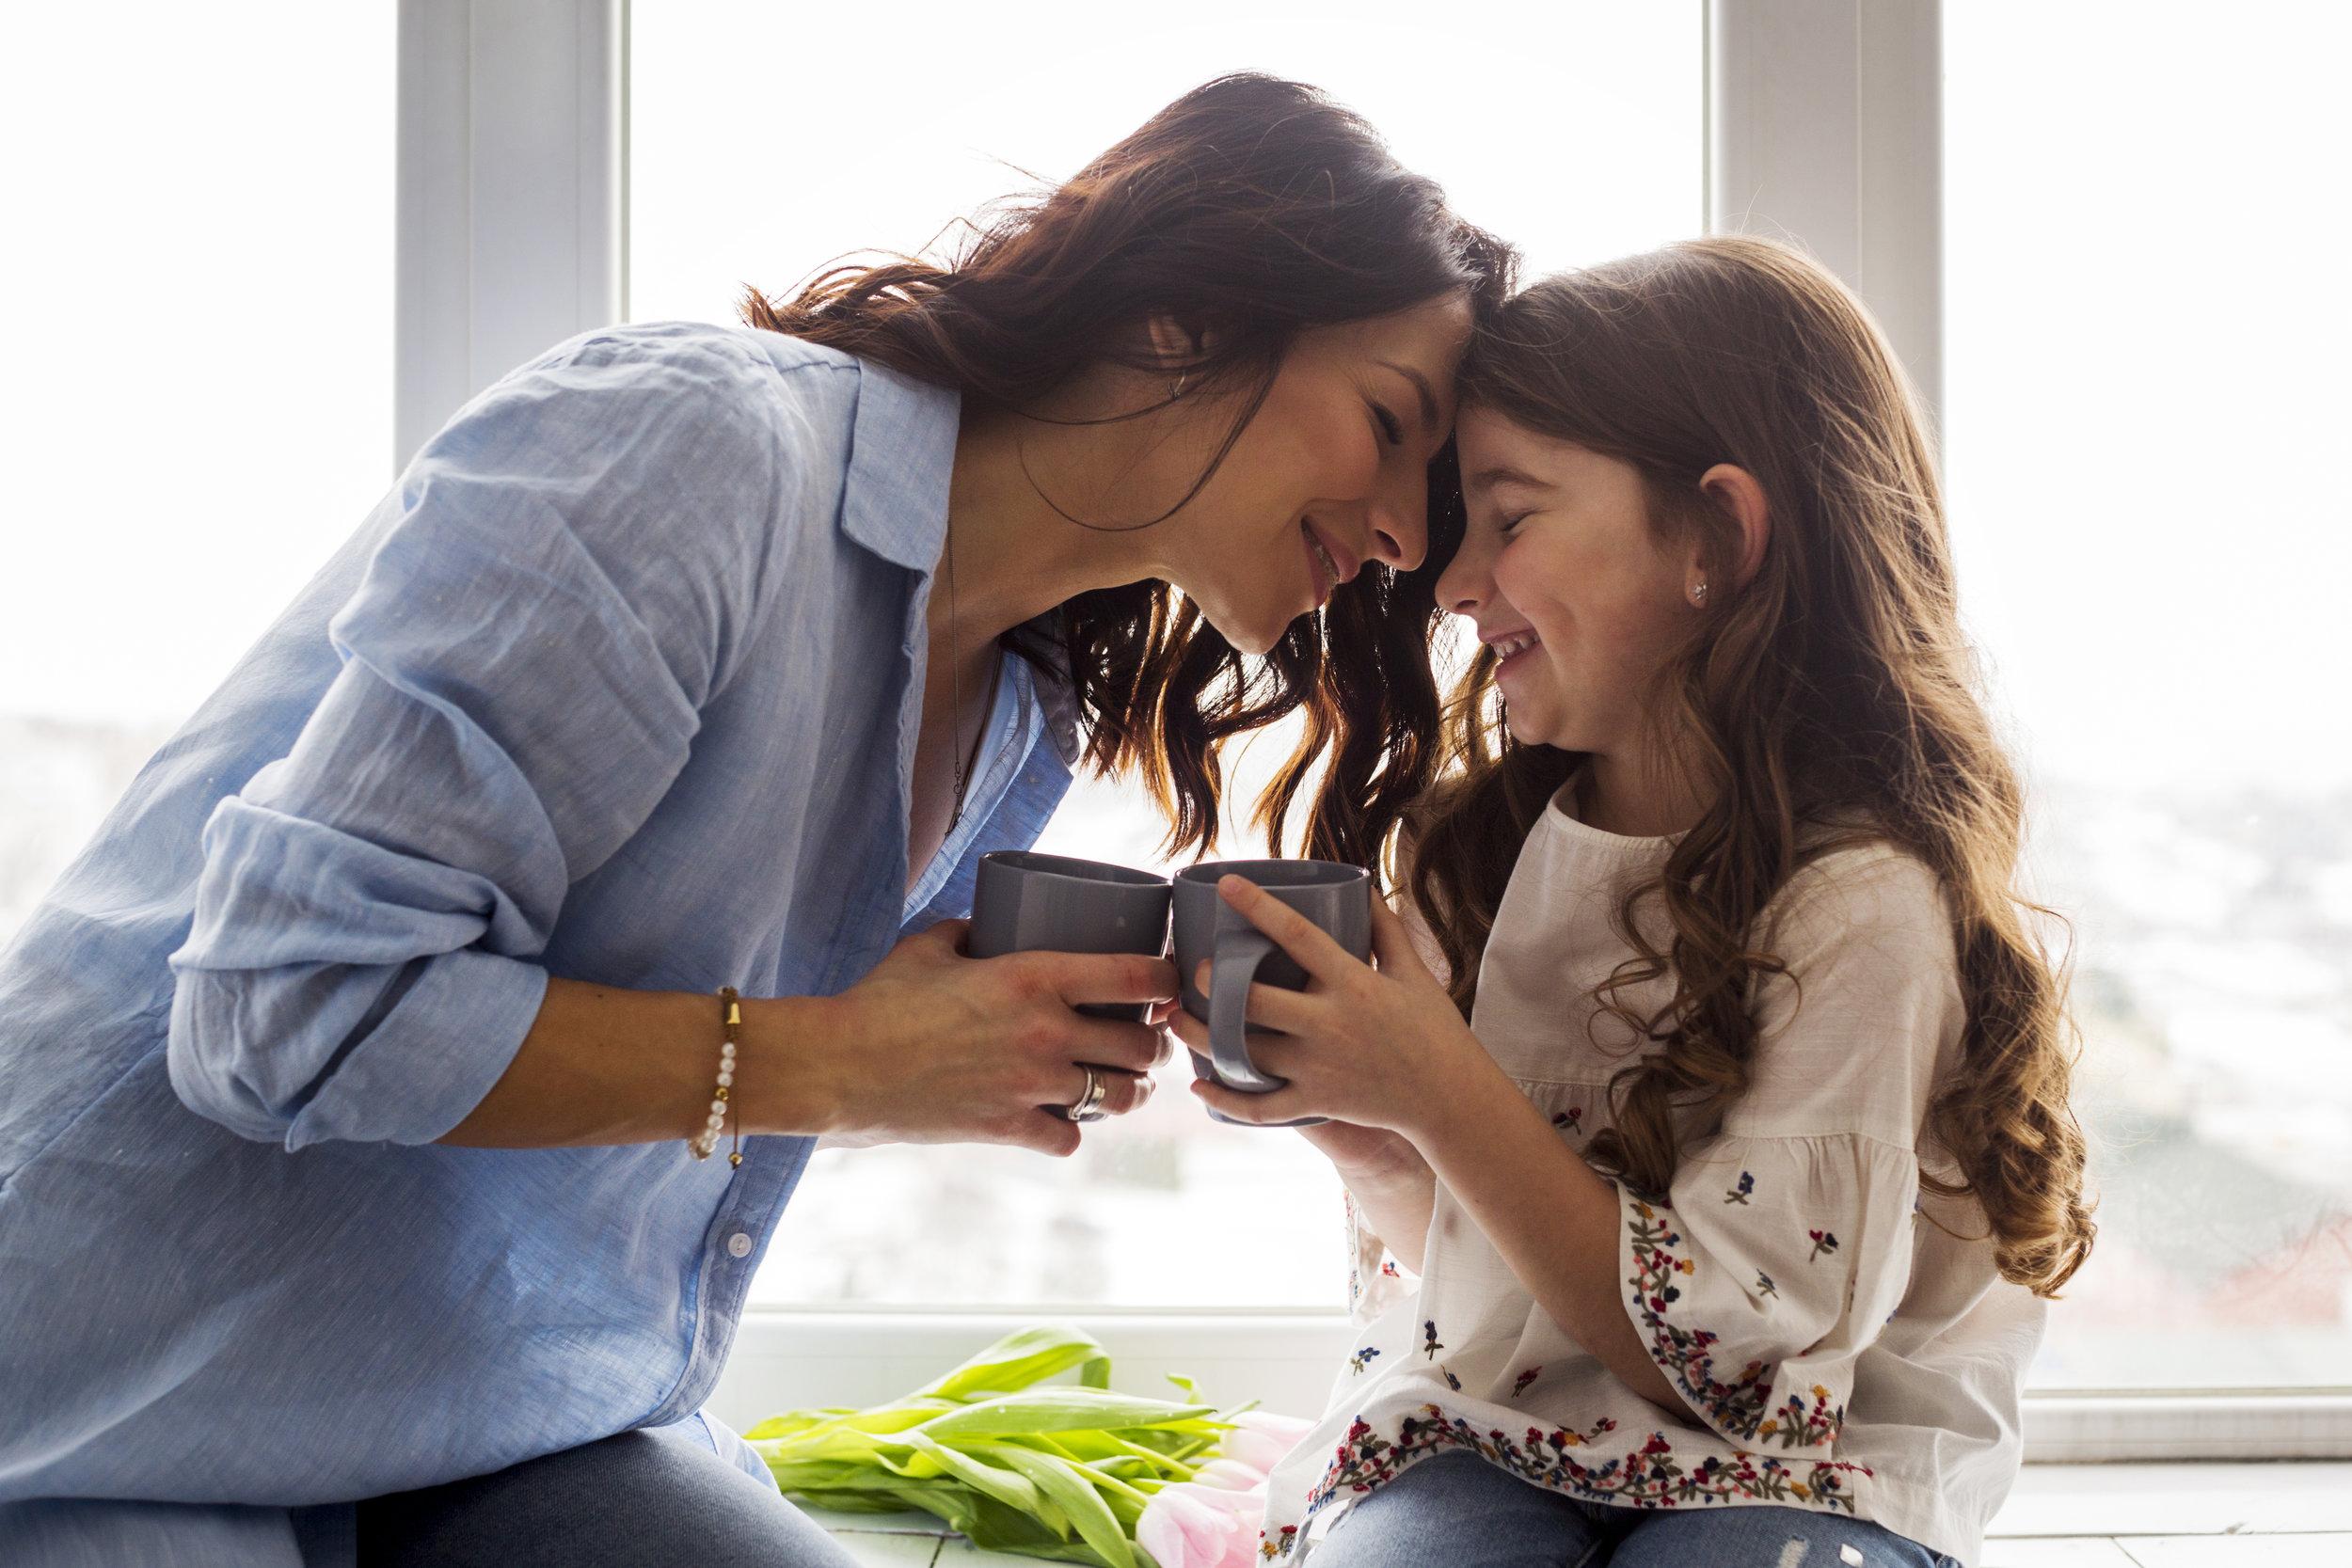 Colaboración - Otra de los puntos importantes, que tiene relación con el que acabo de enlistar, es la colaboración. Nuestros niños y niñas están creciendo en un tiempo donde tienen la información al alcance de los dedos. Es posible que encuentren algo en Google con mayor facilidad que nosotros/as, pero es nuestra responsabilidad enseñarles a diferenciar qué es contenido verídico y qué no. Qué es una fuente confiable y qué no. Y eso solo lo podemos hacer a través de la colaboración.